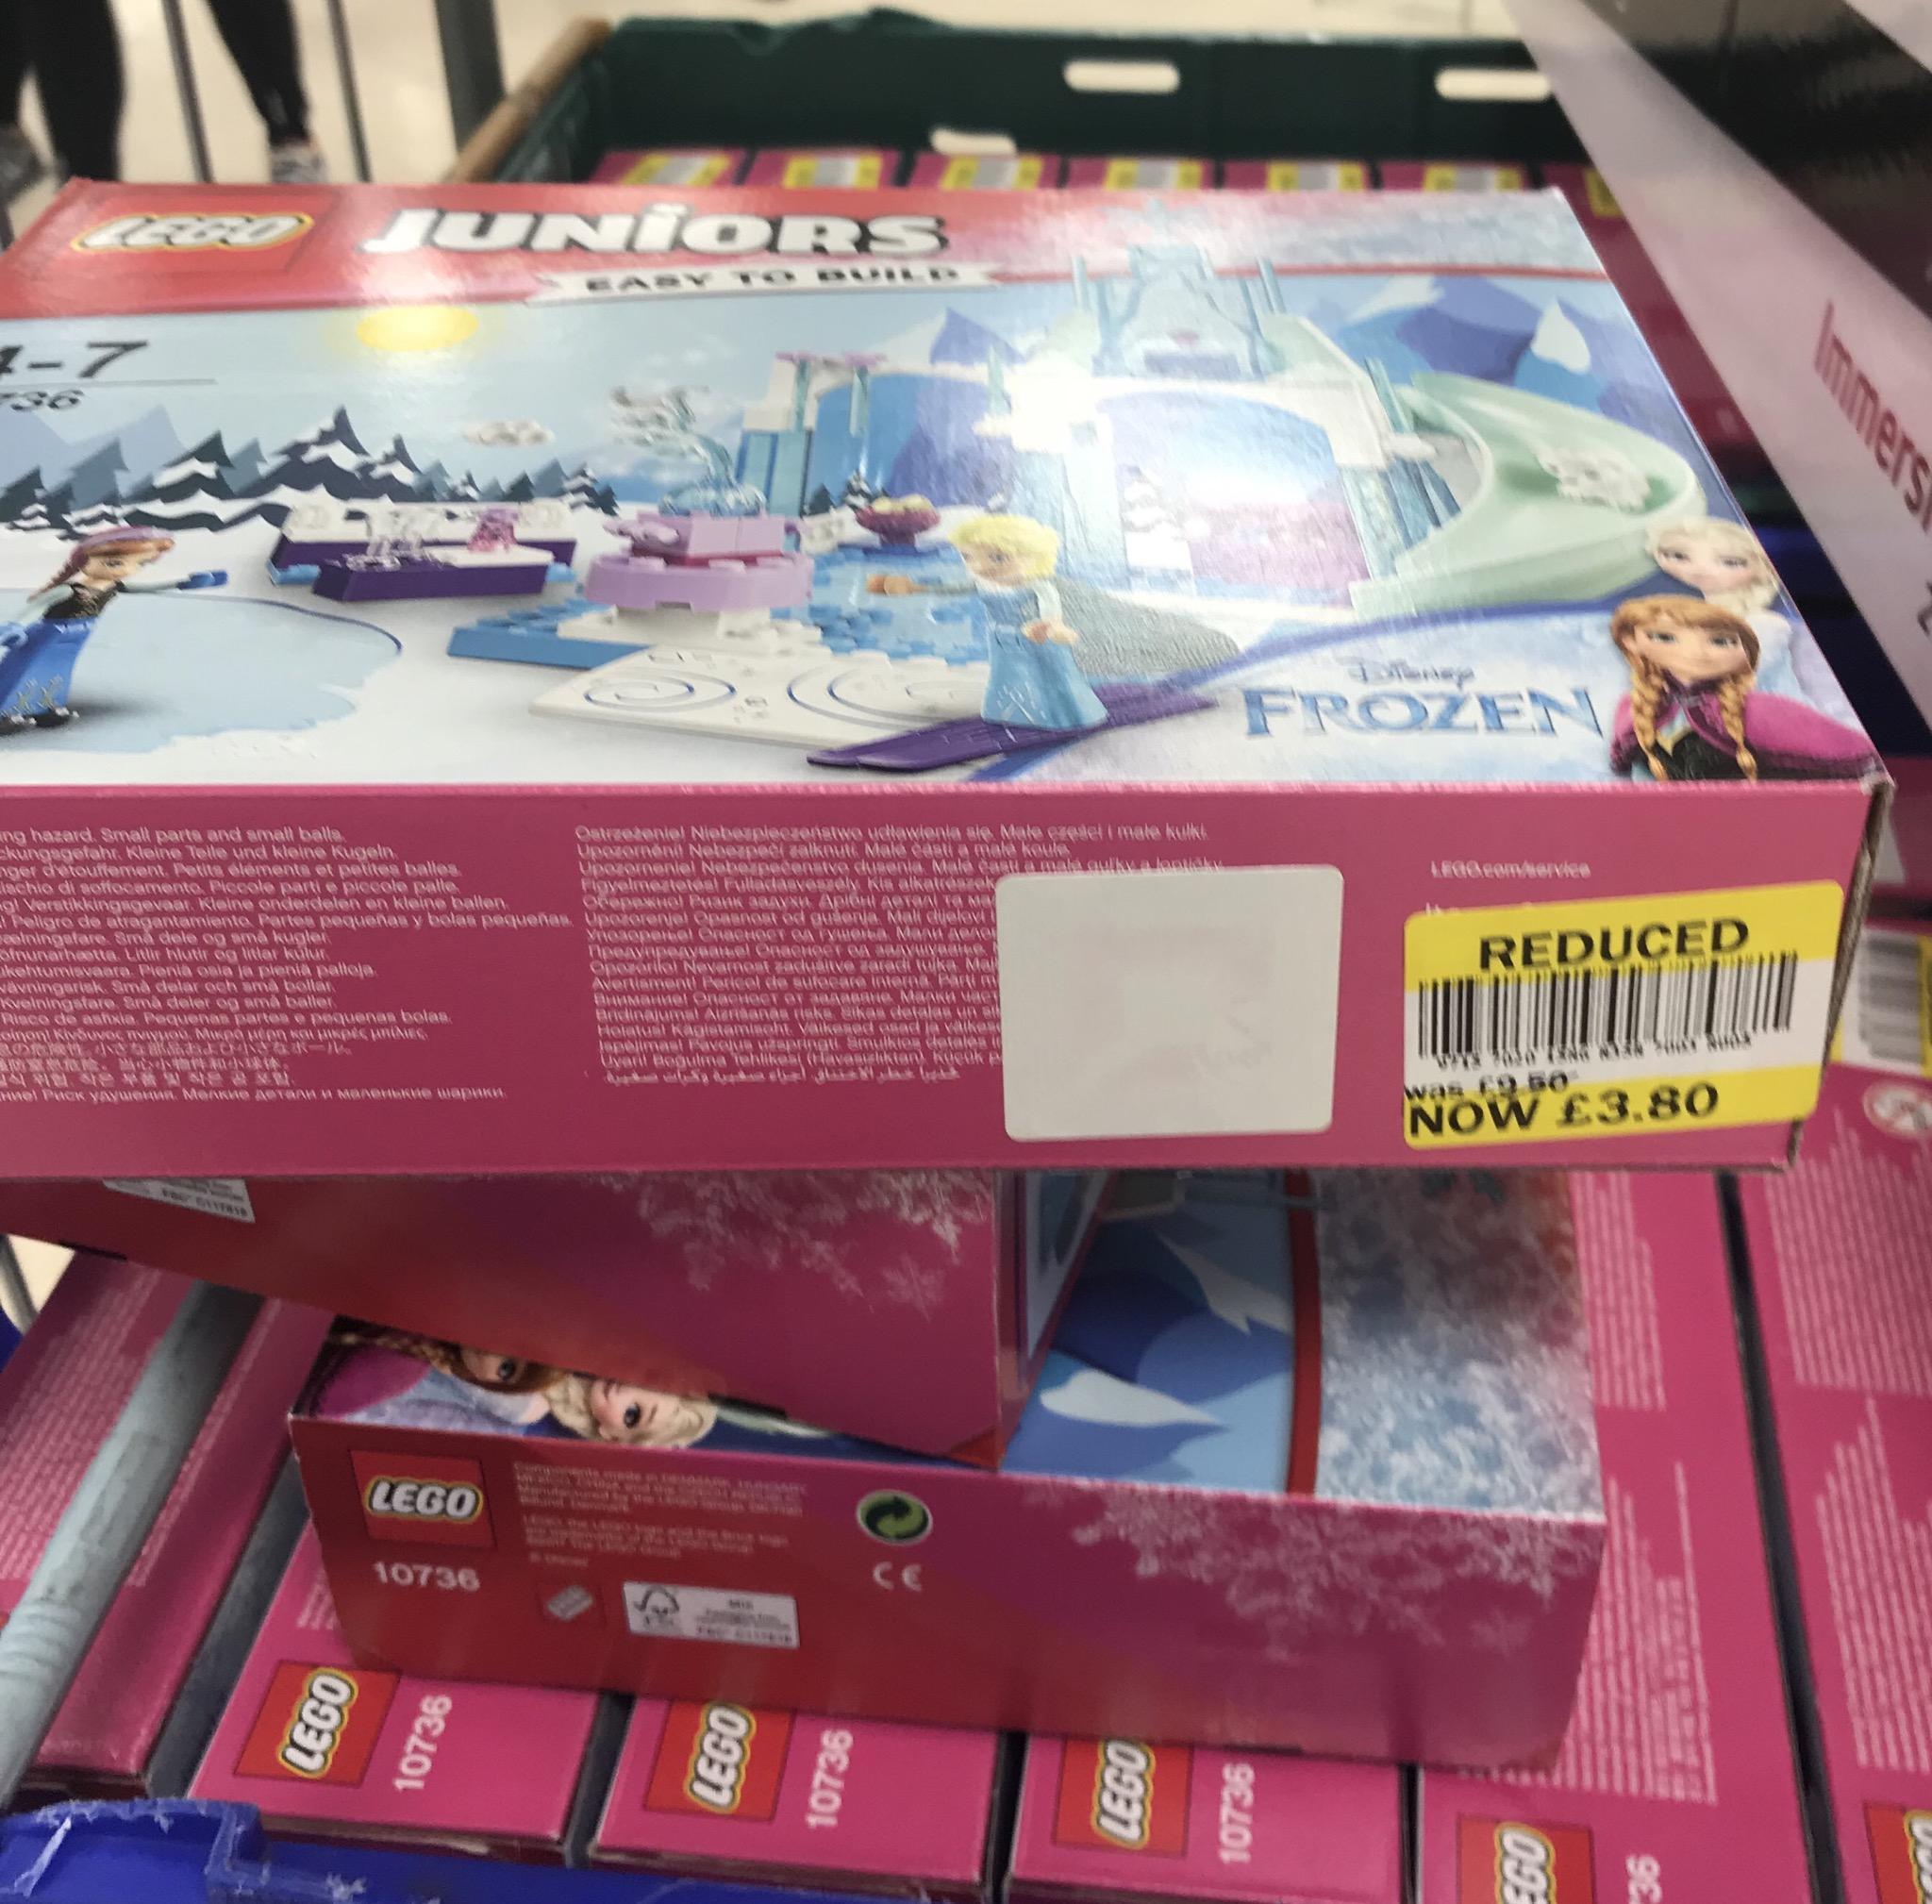 Disney Frozen Lego Juniors - £3.80 instore @ Tesco